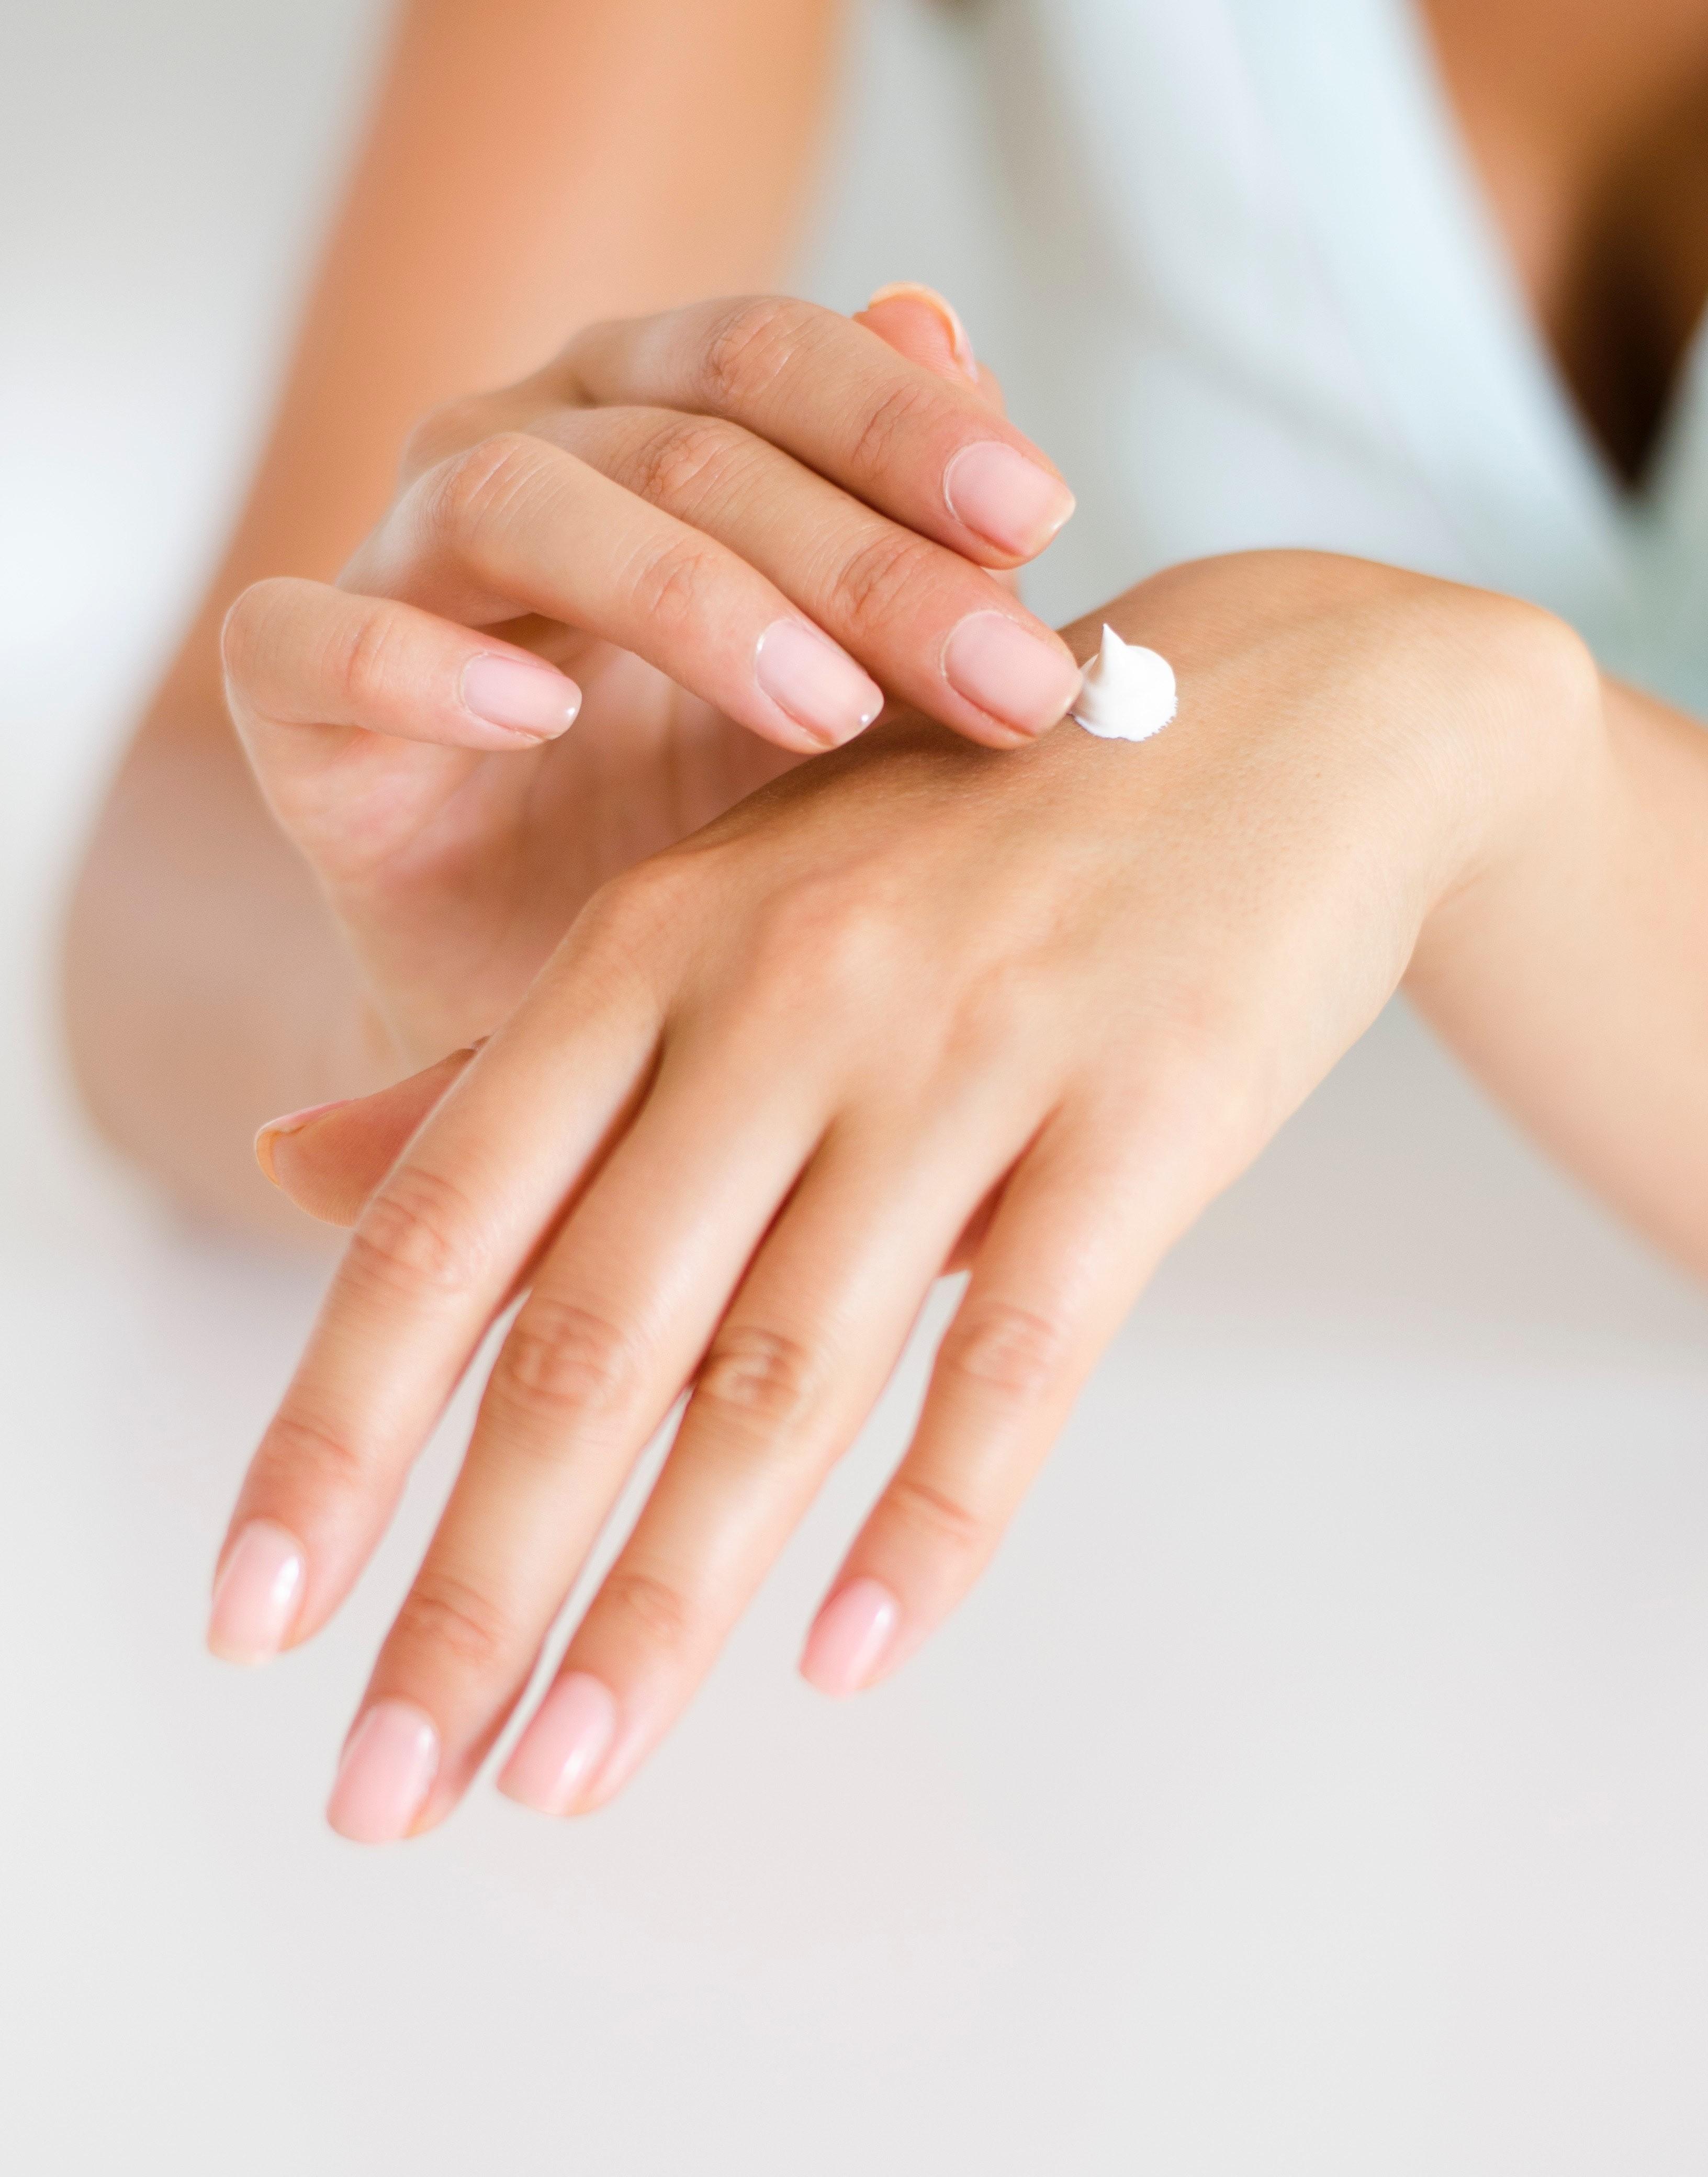 Дисгидроз кистей рук: причины и лечение